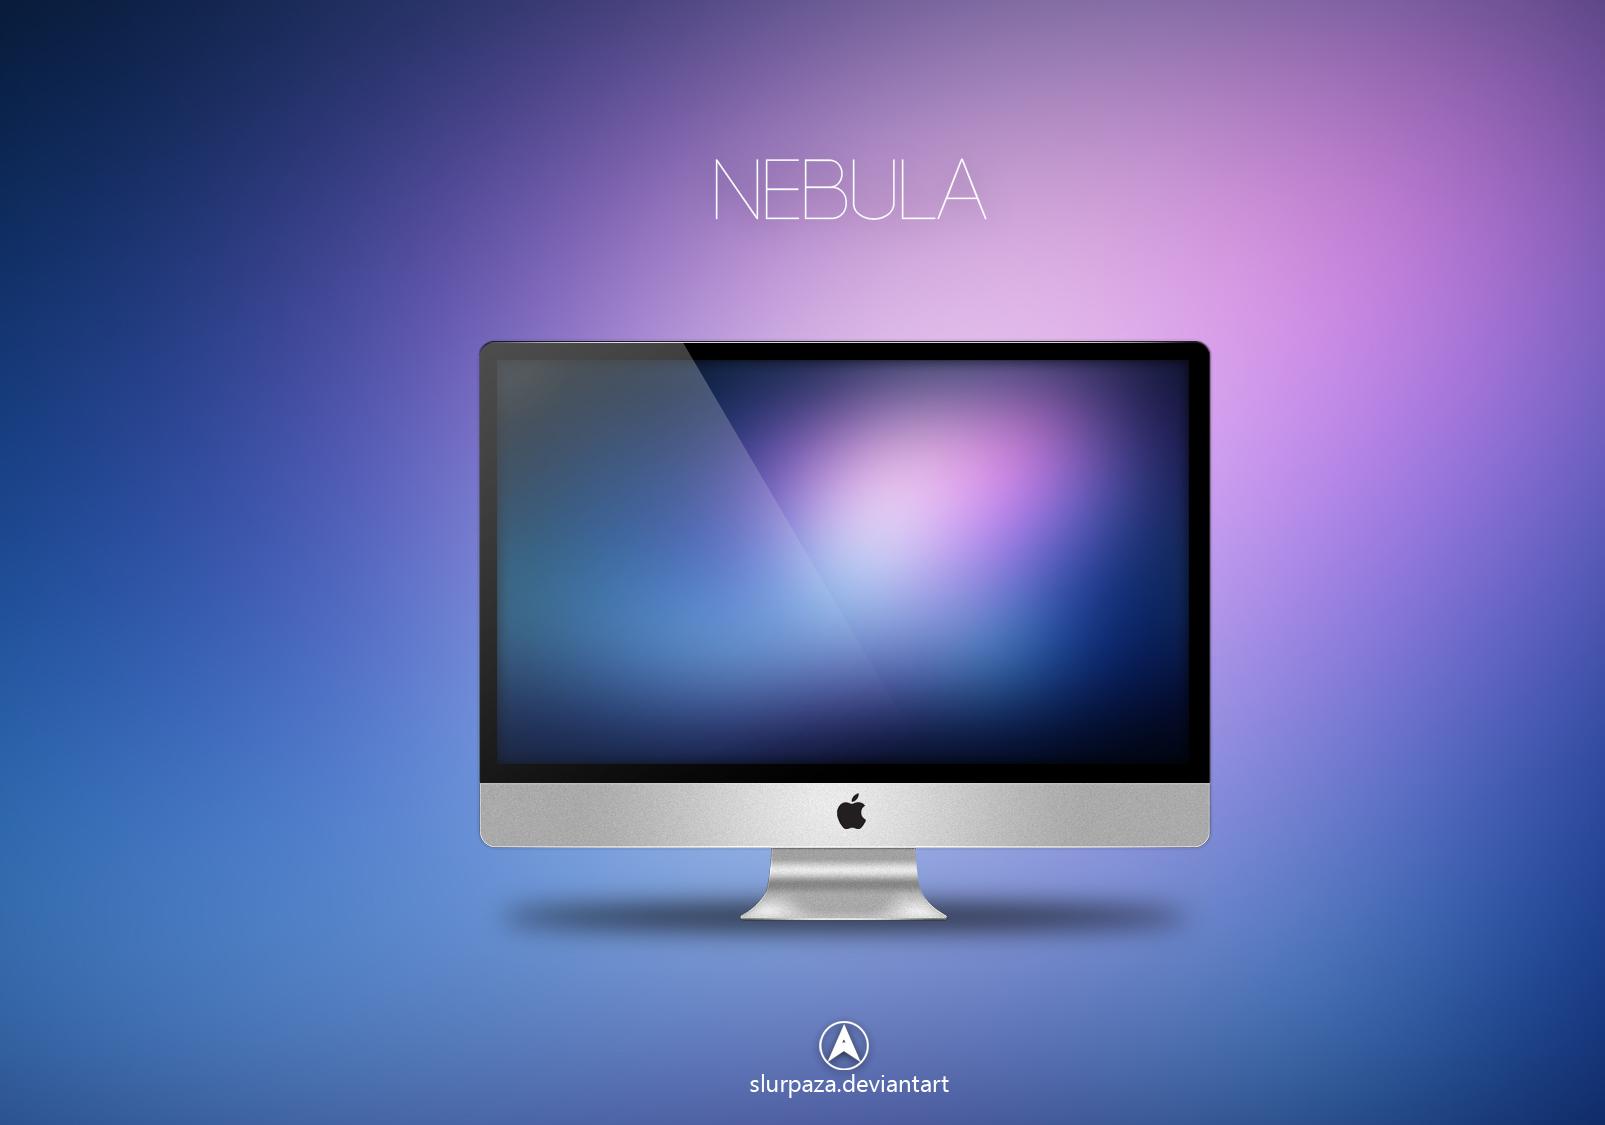 Nebula by Slurpaza